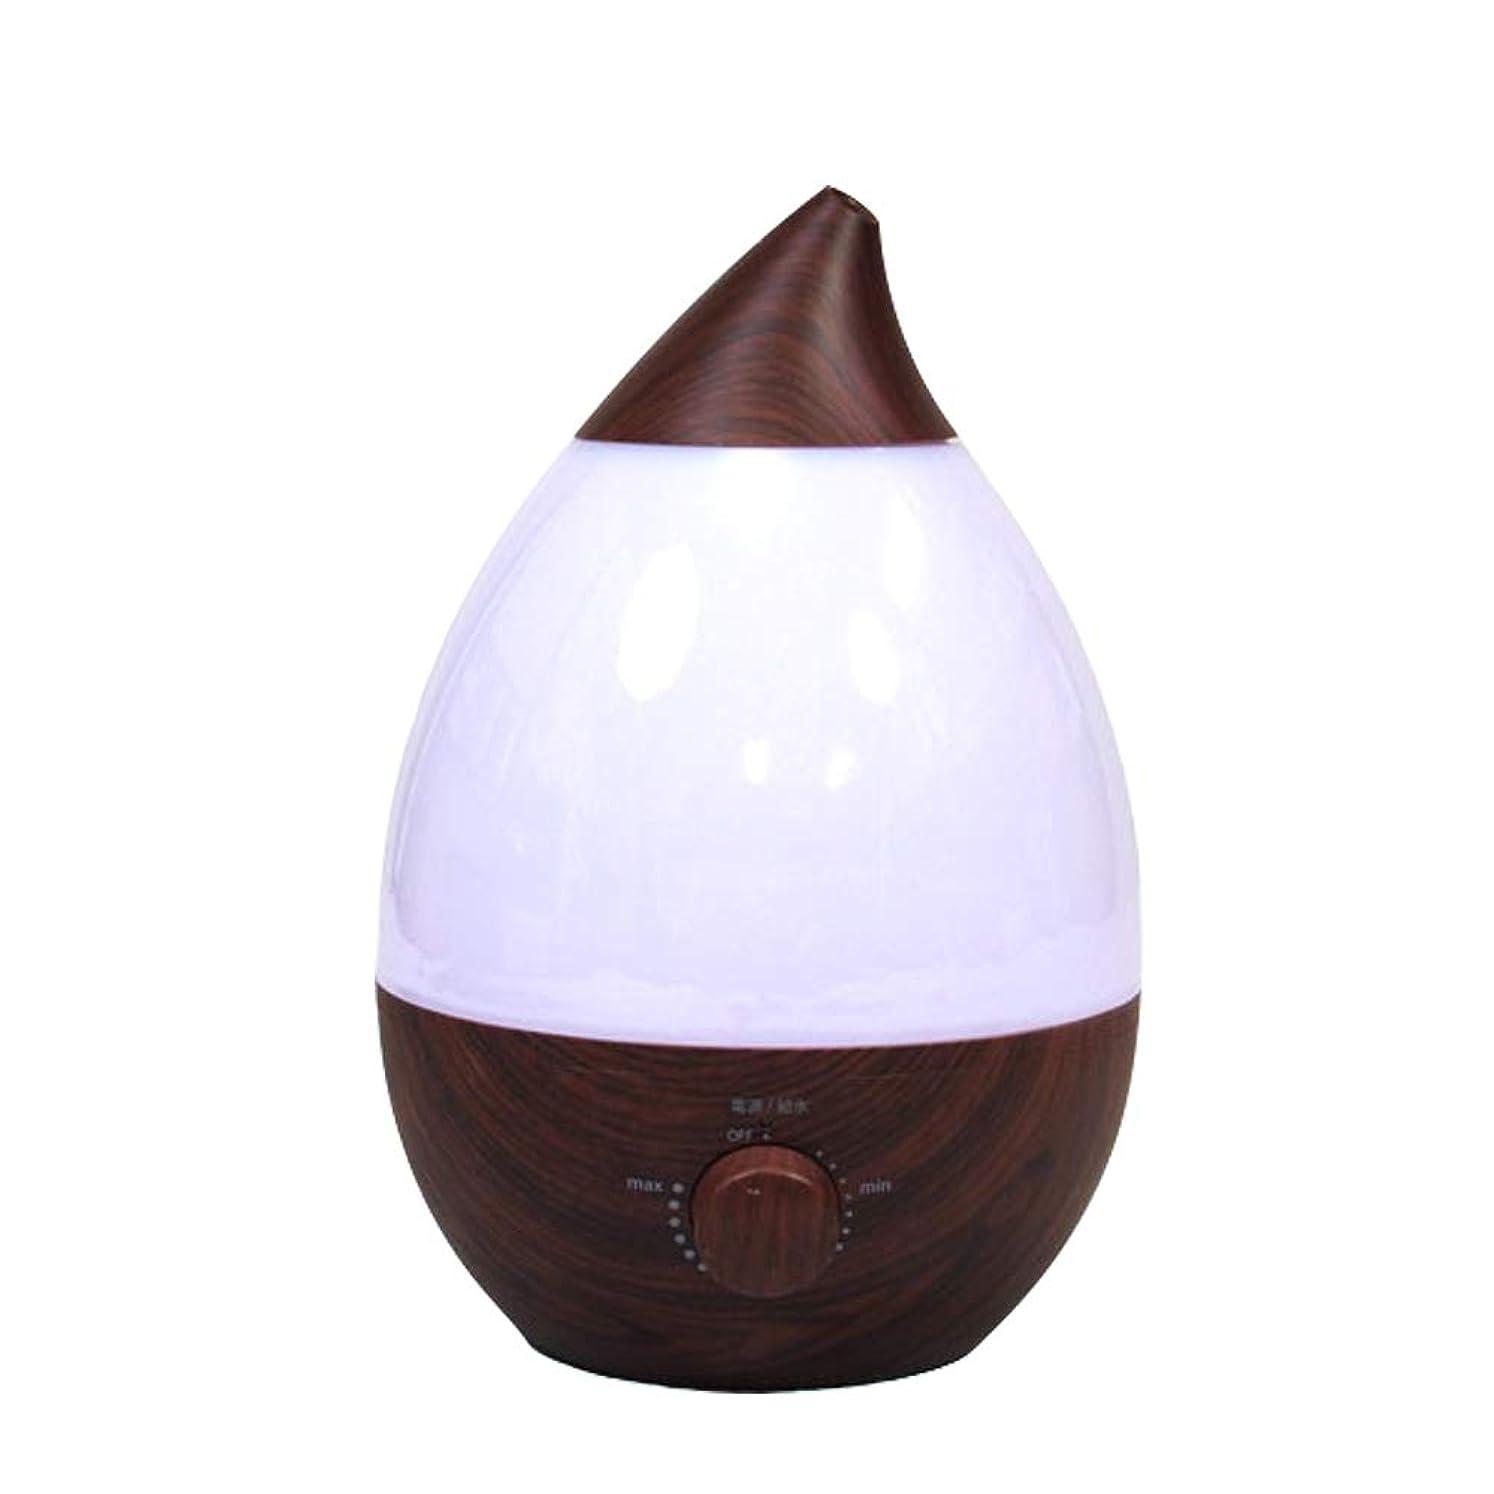 マインド個人的な花瓶加湿器 超音波式 卓上 4L アロマ加湿器 イルミネーション オフィス 乾燥 保湿 木目 おしゃれ